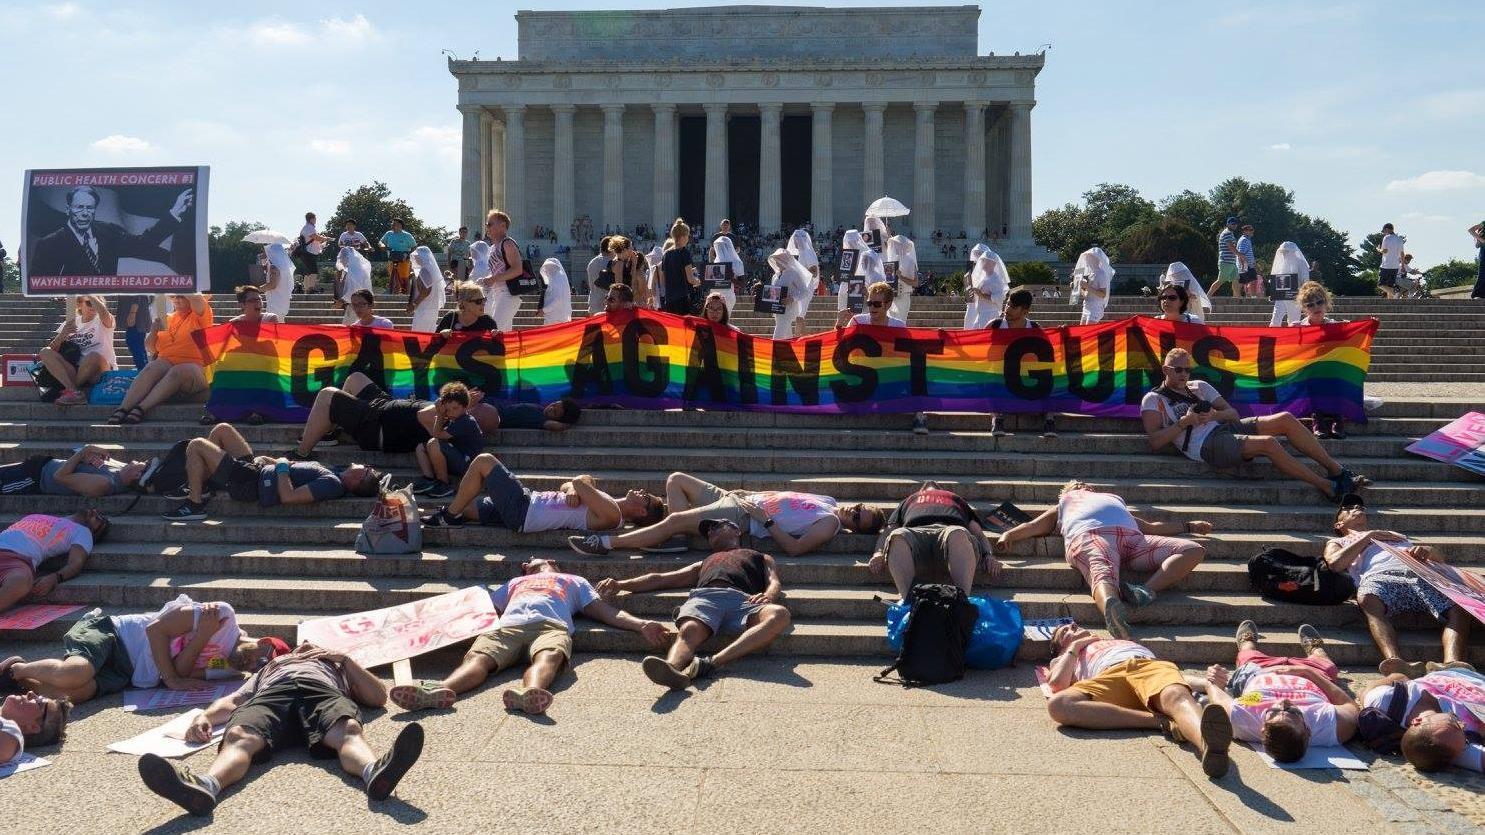 Washington DC Die-in